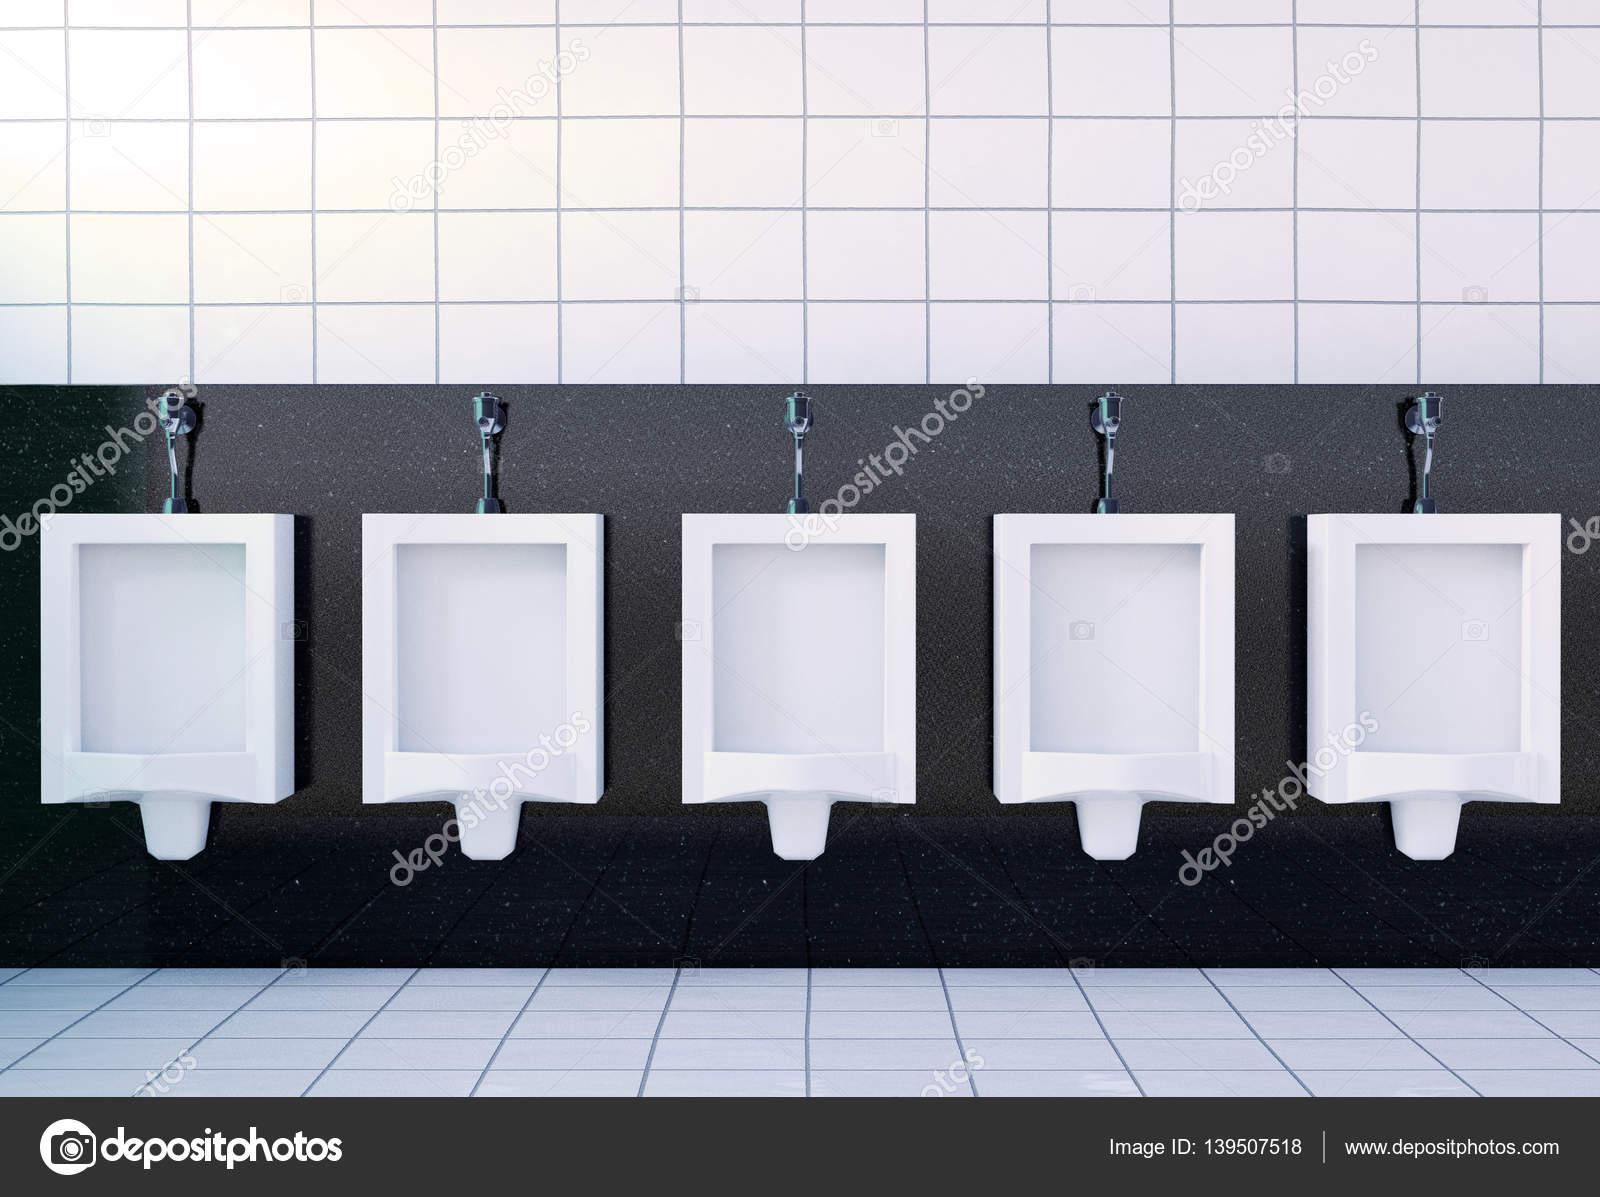 Bv tegel wc dusche bäderwerk hamburg thomas von der geest gmbh